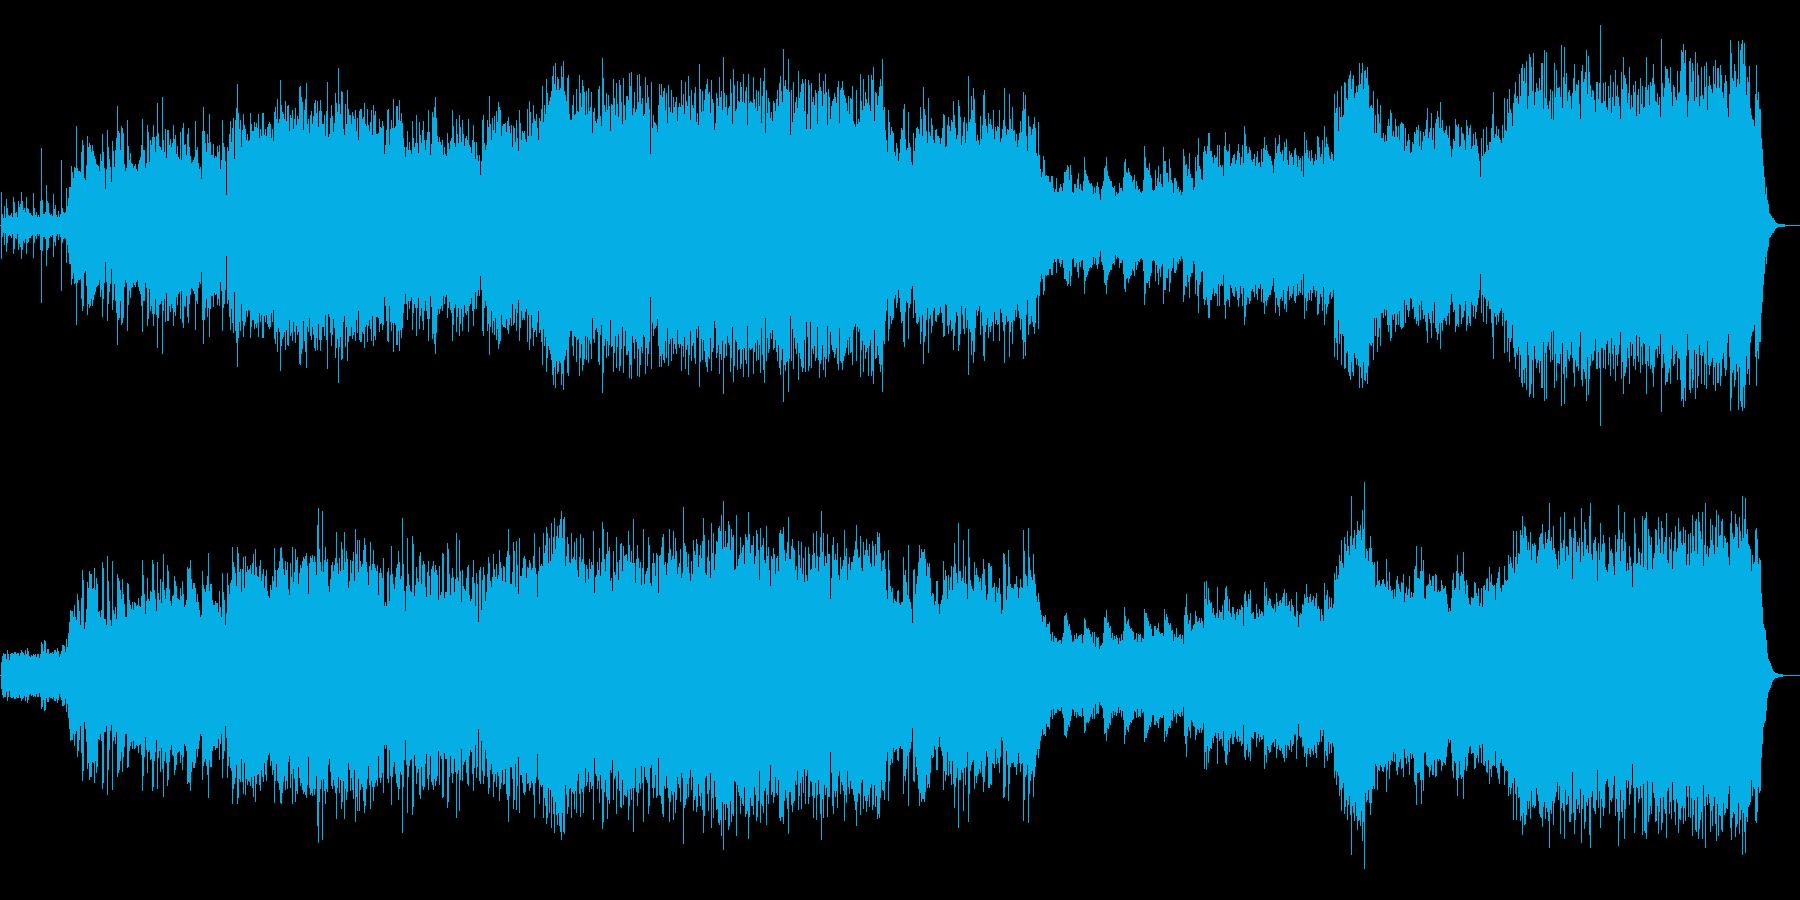 【生演奏バイオリン】民族的で壮大なオケ曲の再生済みの波形